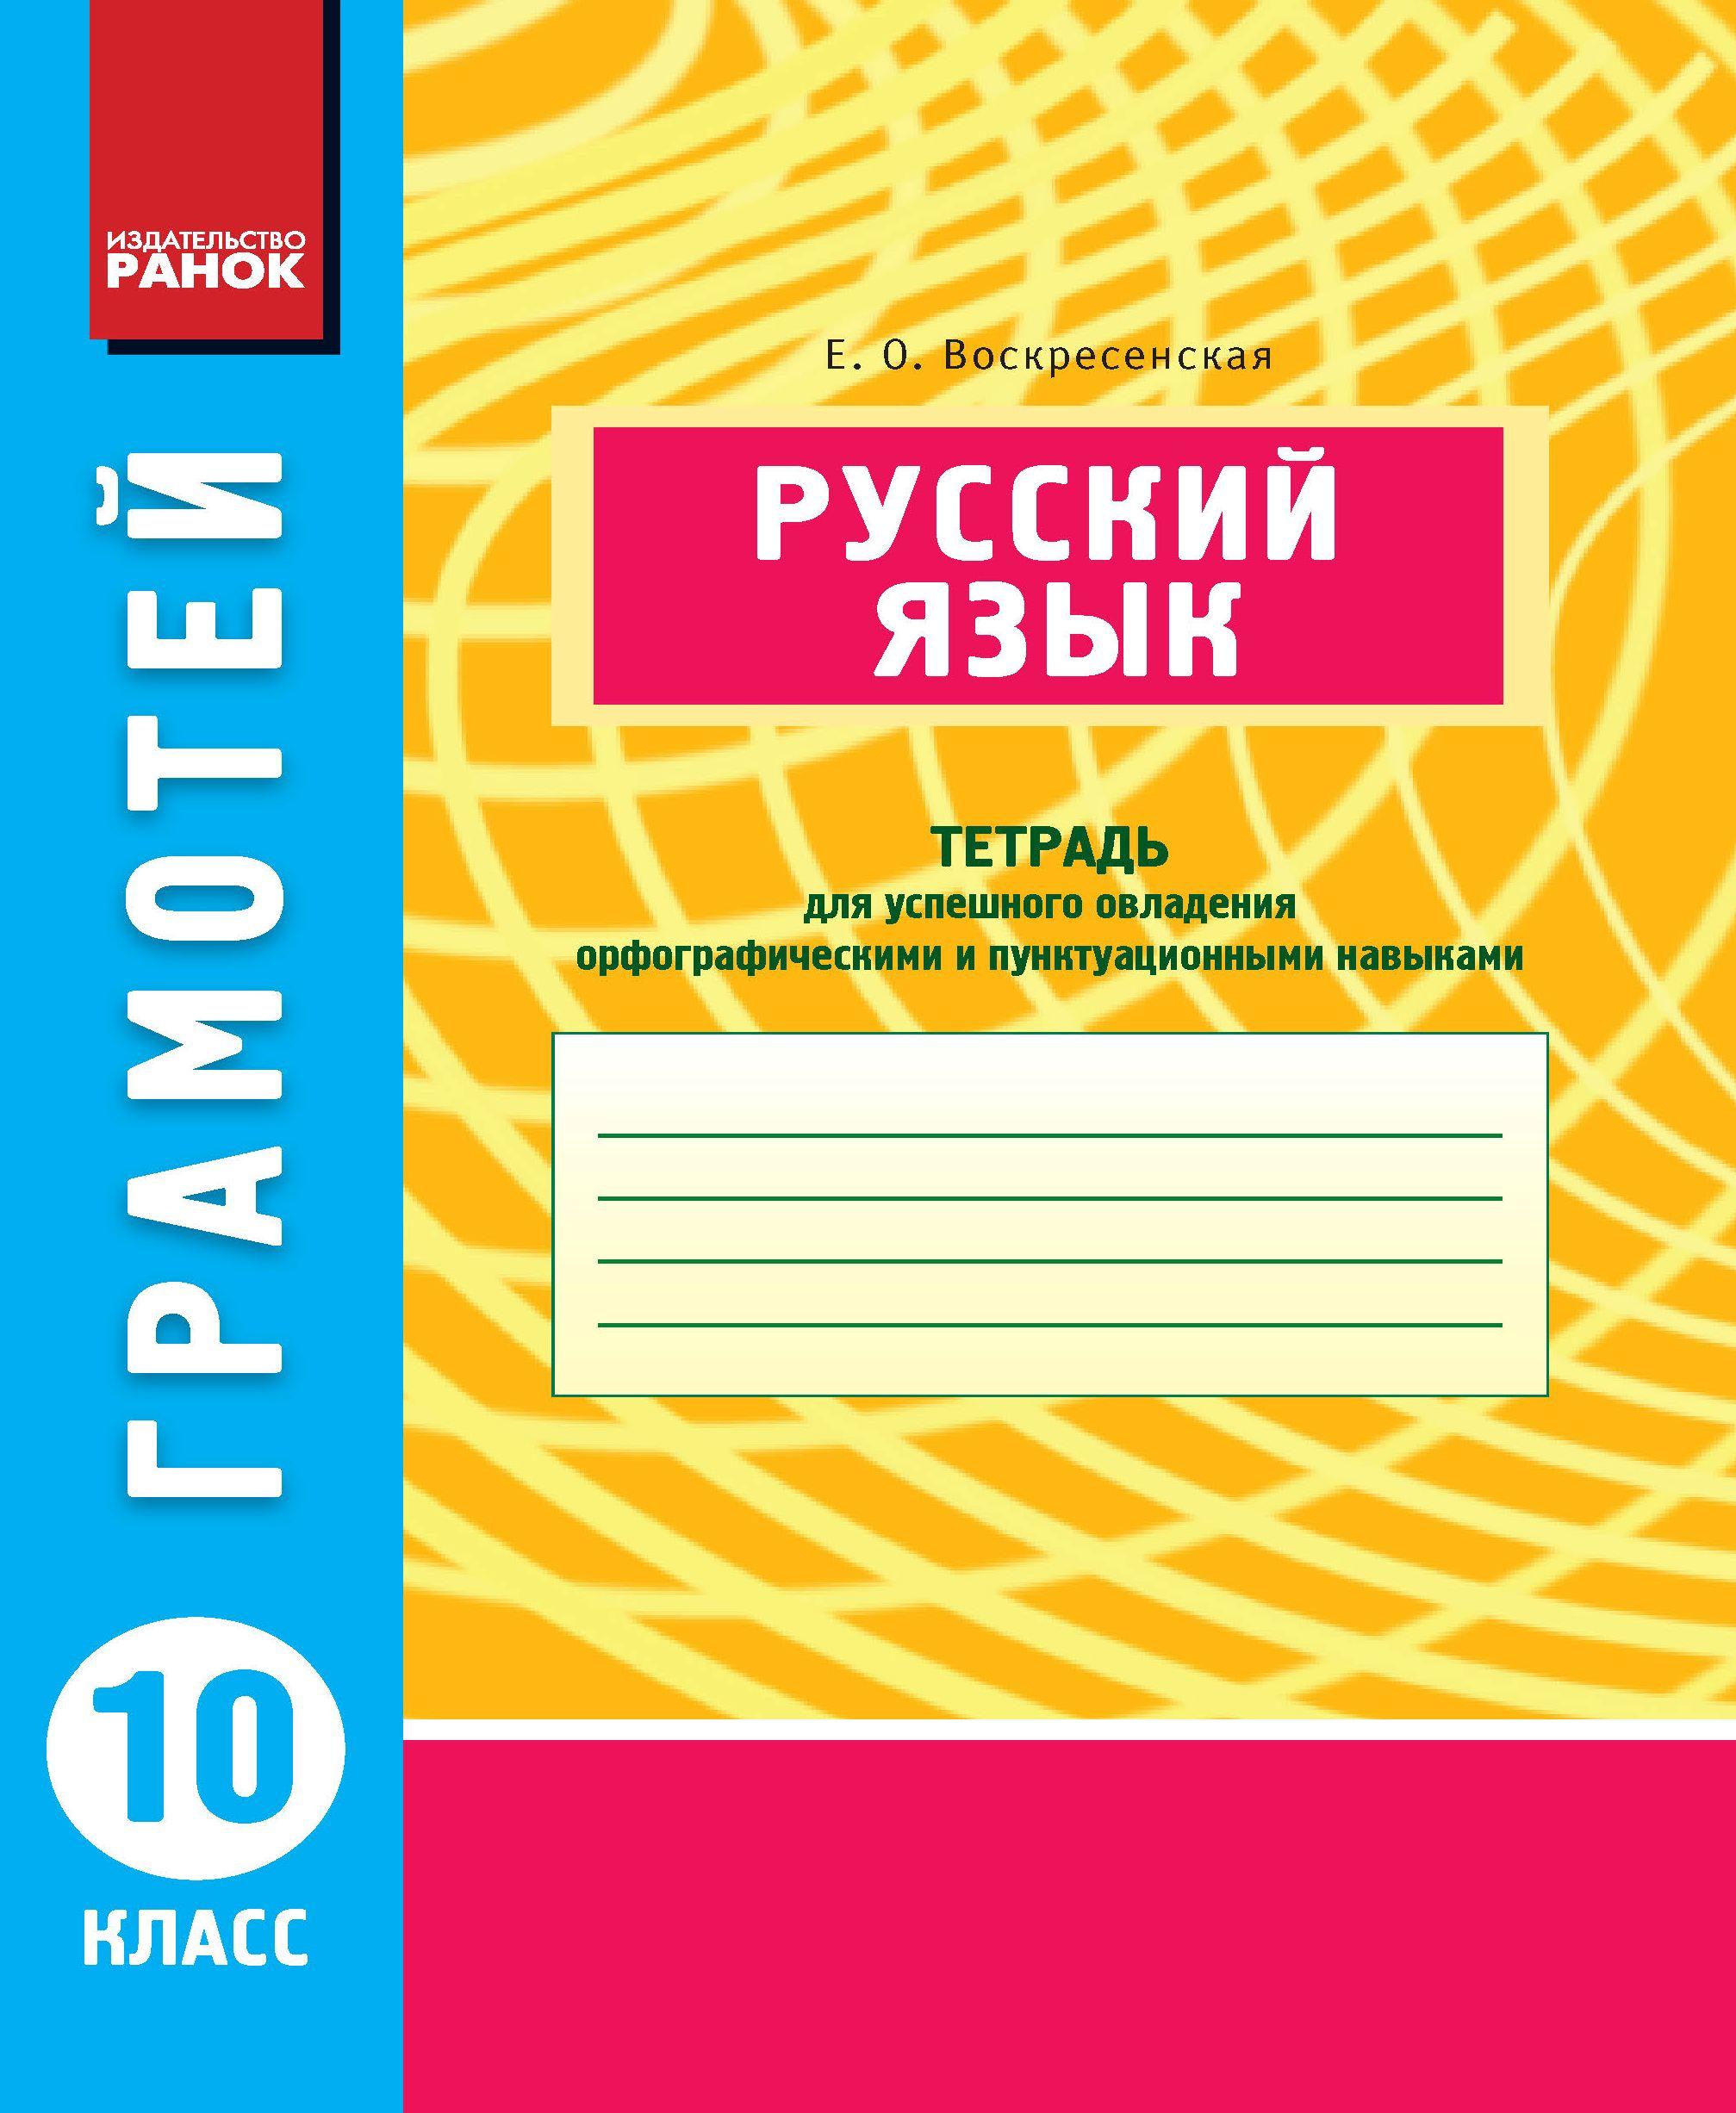 грамотей русский язык 7 класс решебник воскресенская гдз